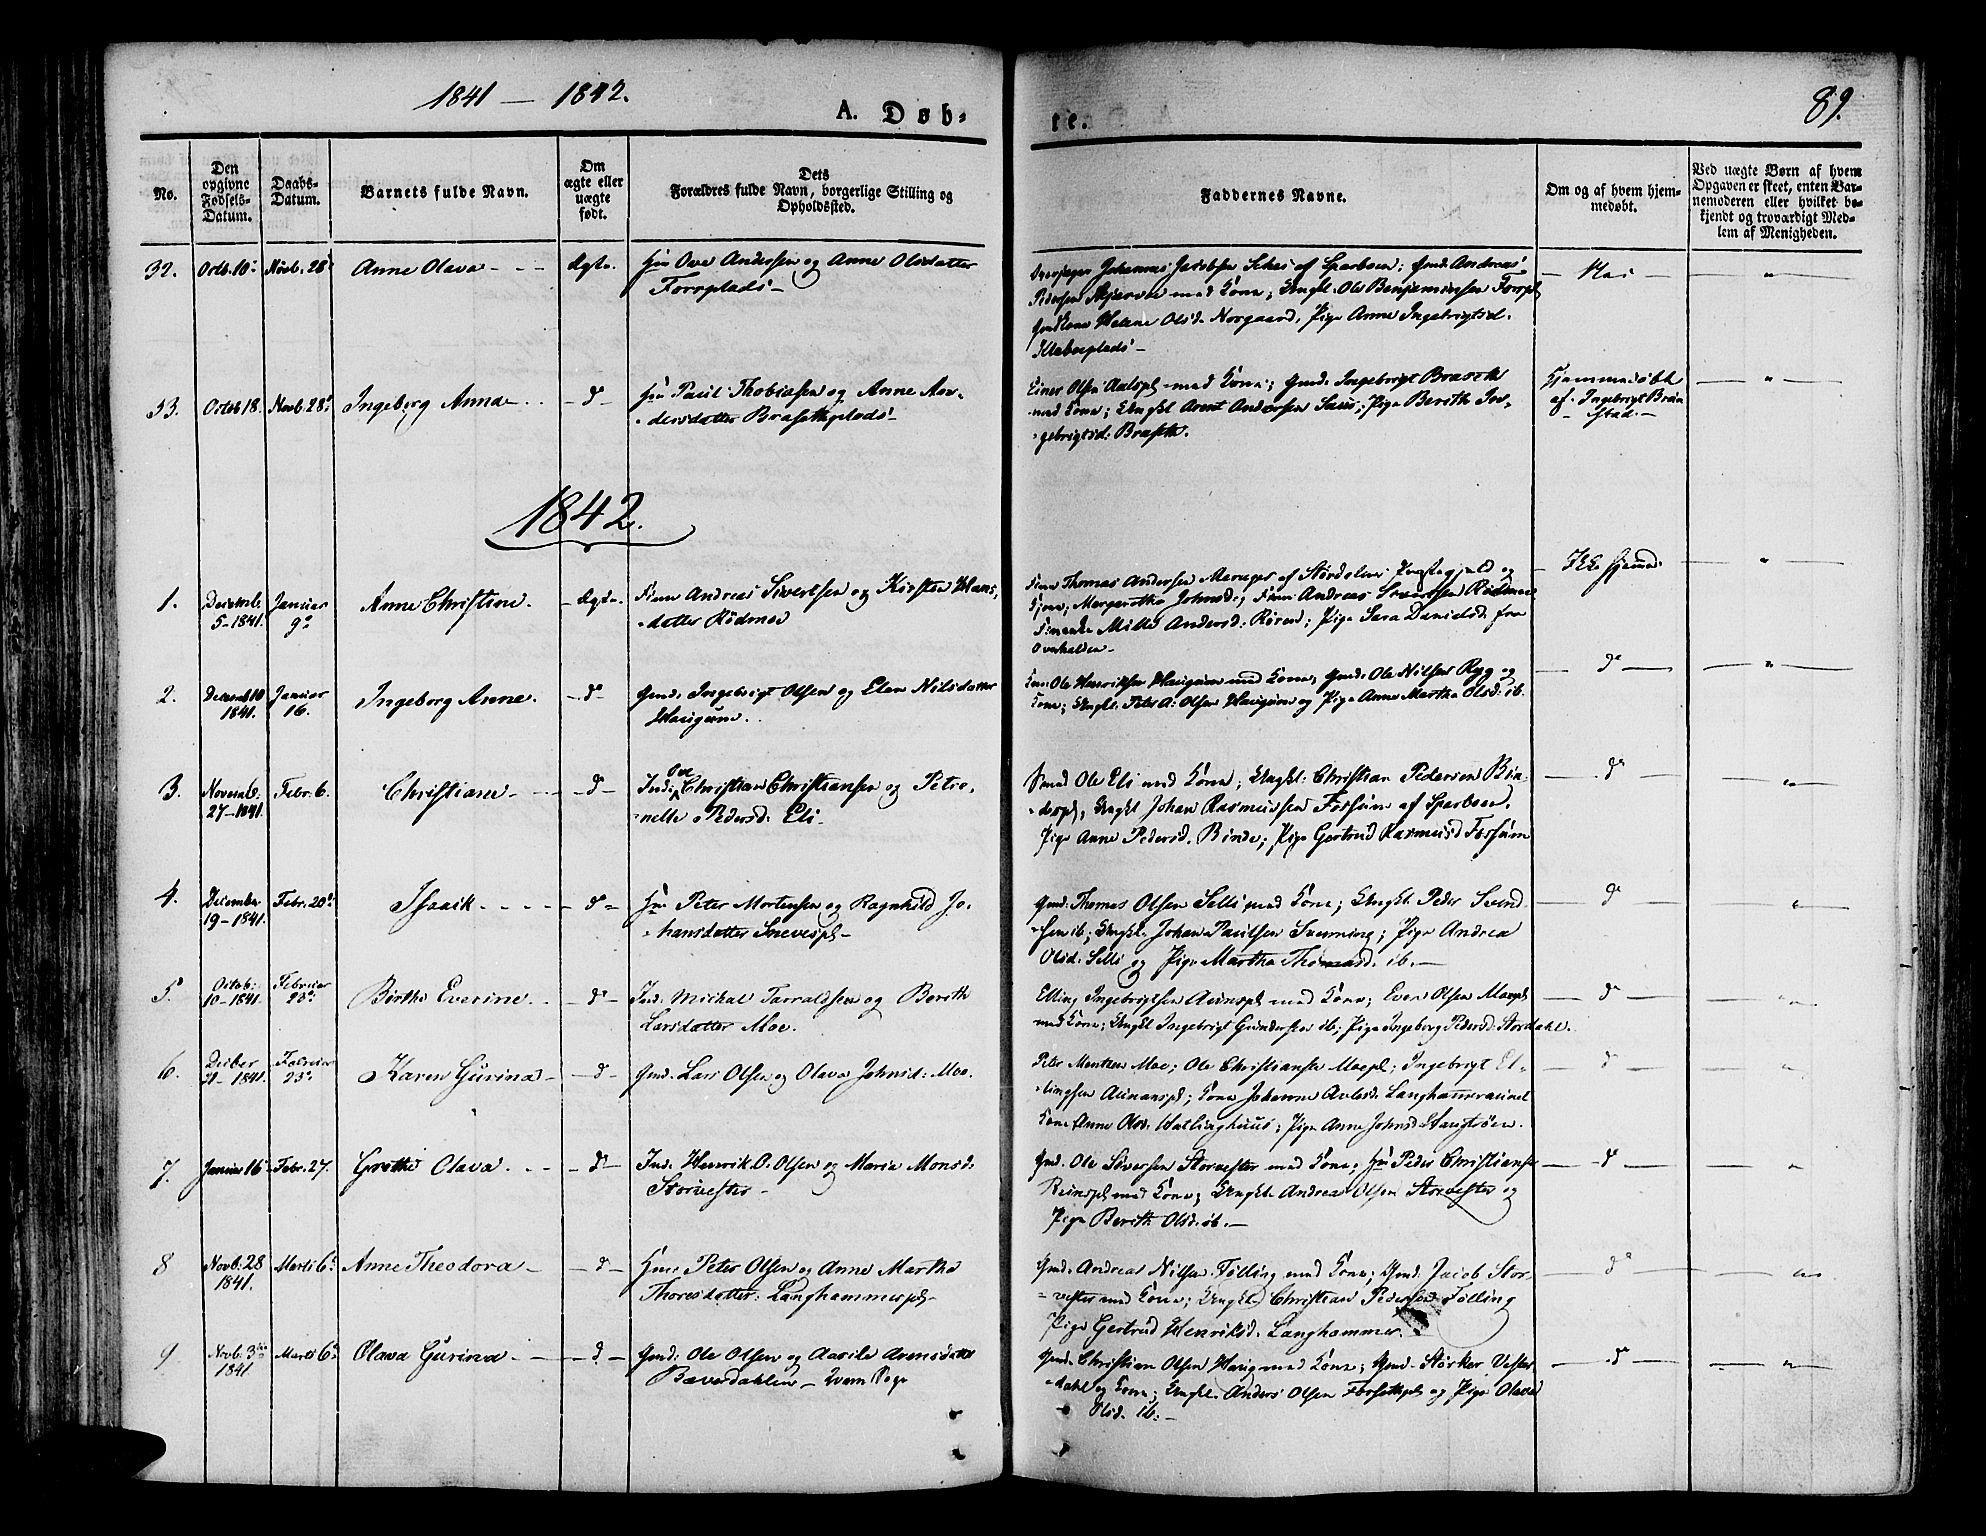 SAT, Ministerialprotokoller, klokkerbøker og fødselsregistre - Nord-Trøndelag, 746/L0445: Ministerialbok nr. 746A04, 1826-1846, s. 89